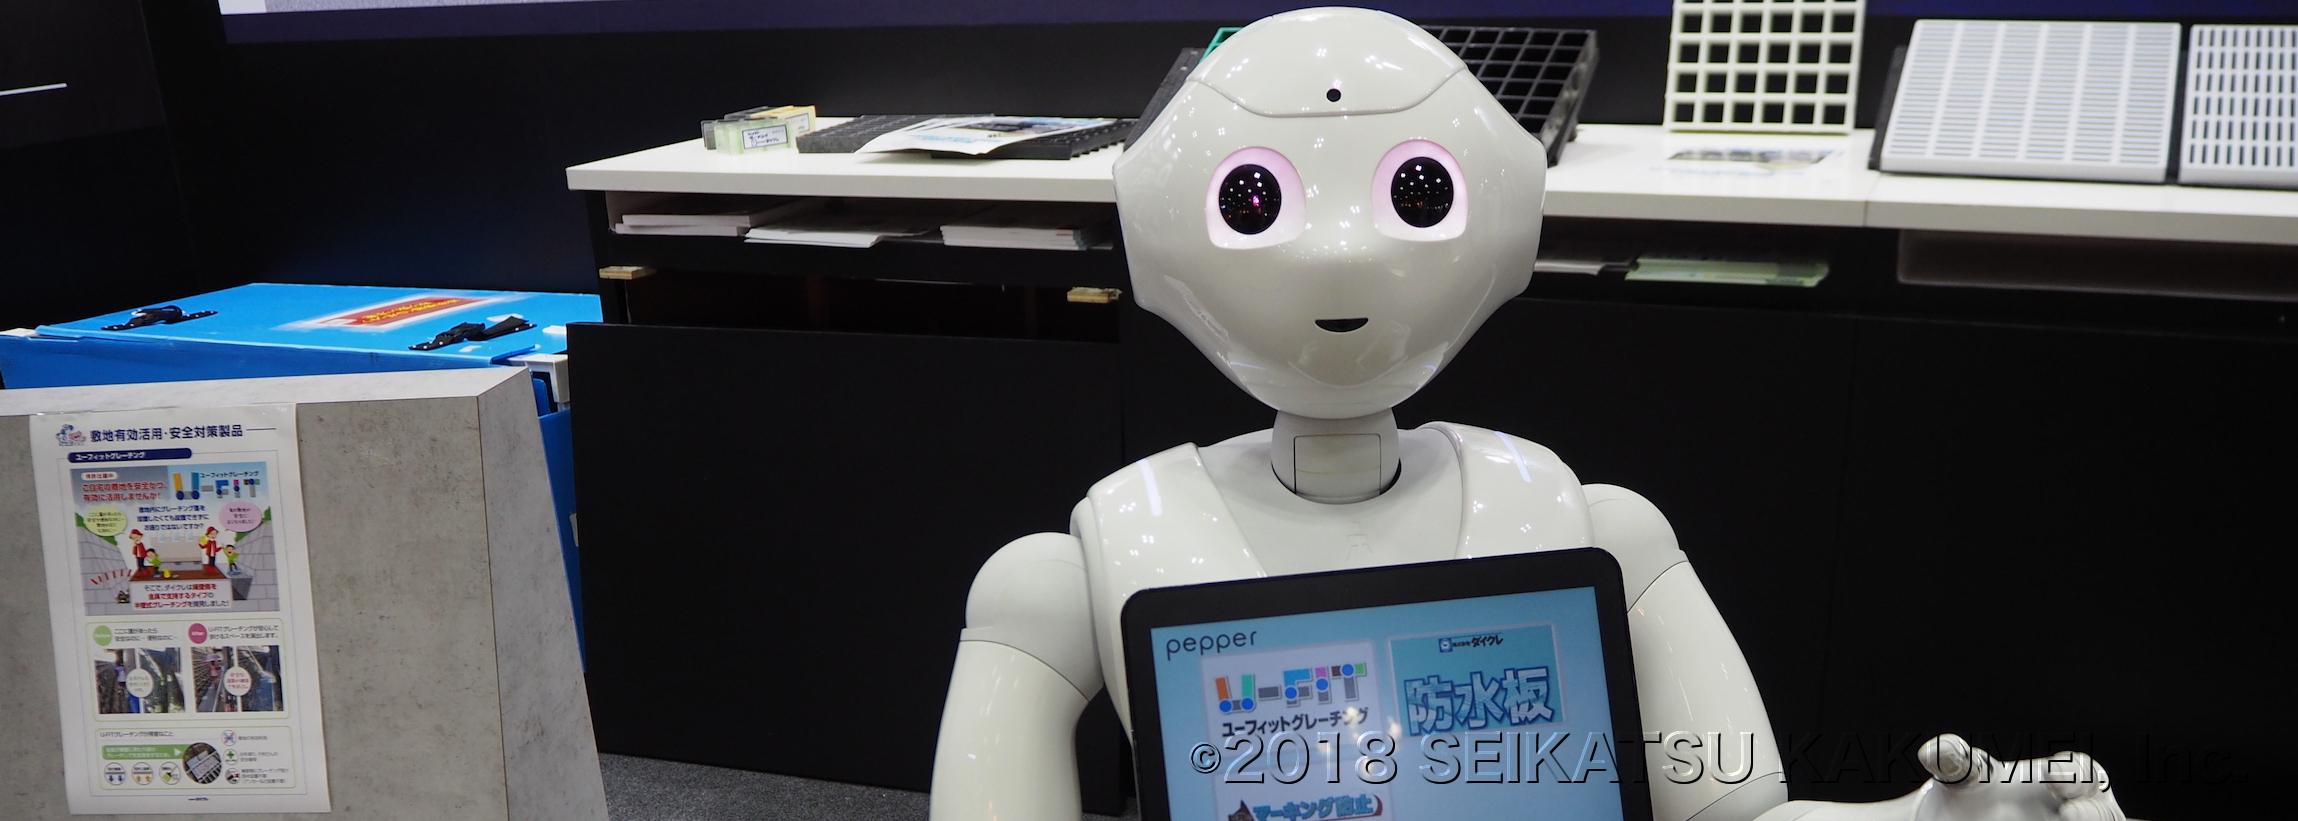 通常のロボット・Pepper(ペッパー)本体レンタルの活用イメージ